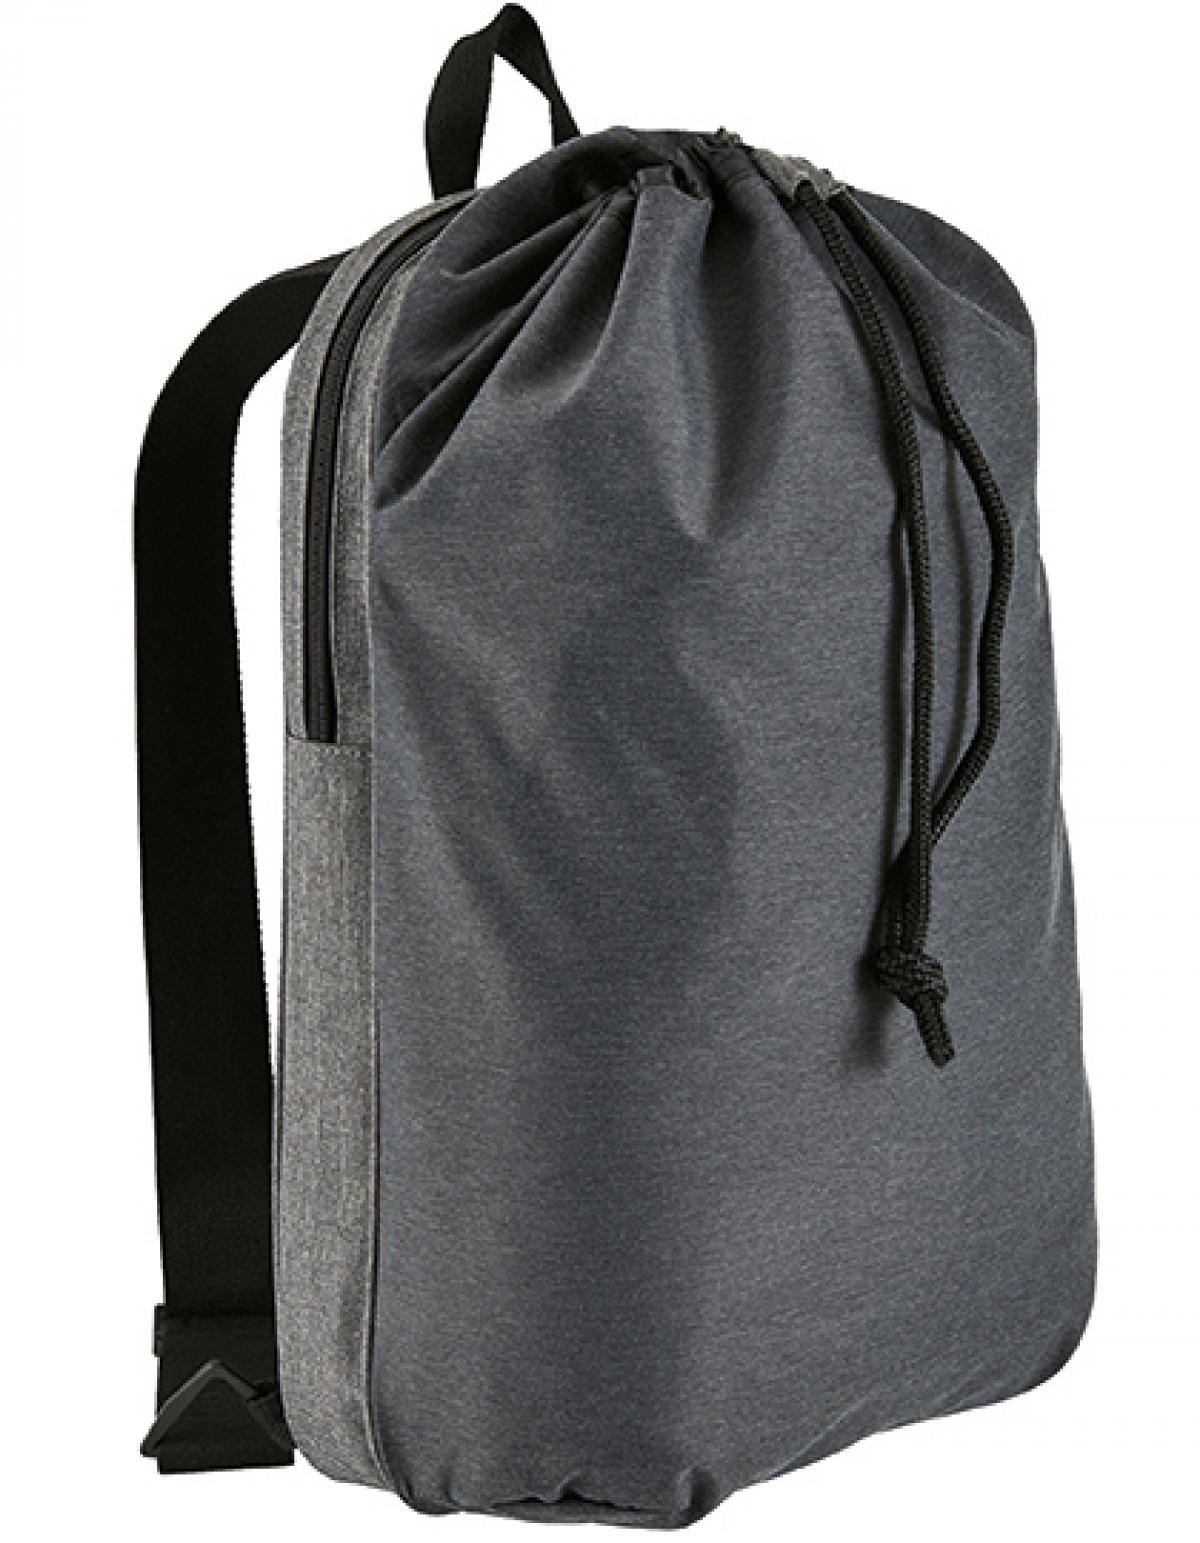 Dual Material Backpack Uptown Sporttaschen & Rucksäcke 30,5 x 51 x 15 cmSOLs Bags